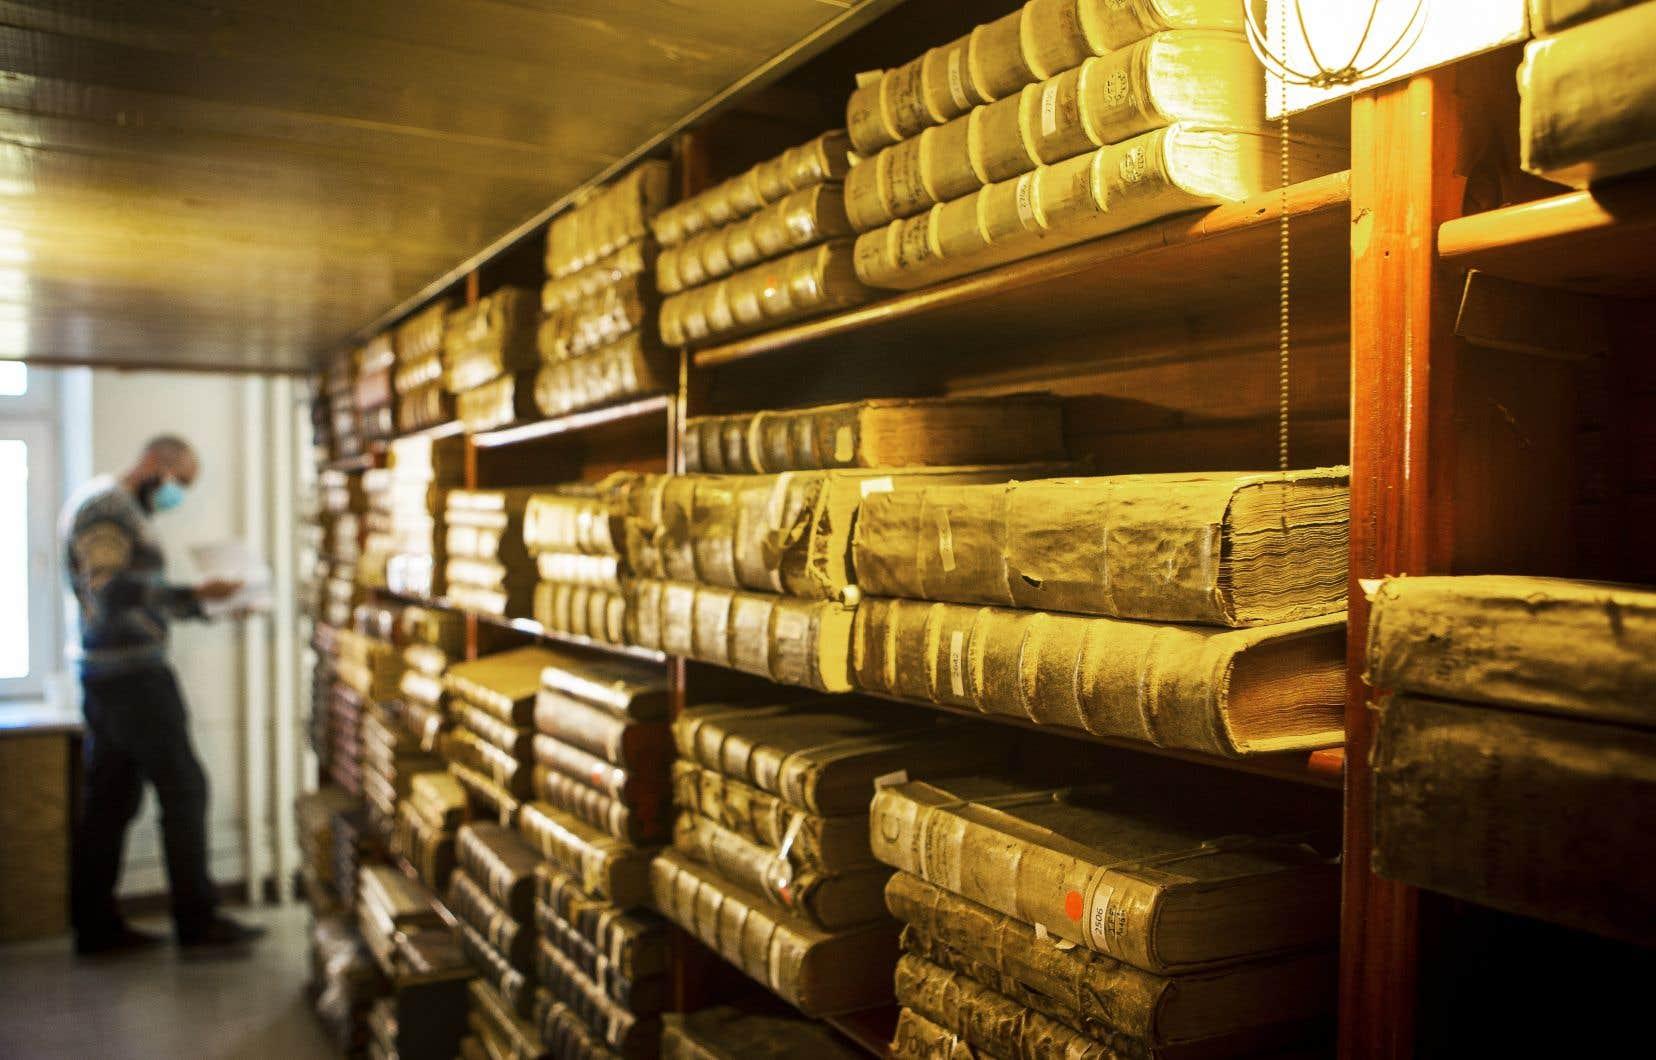 Le centre des livres rares de l'UQAM met la main sur environ 700 titres conservés durant des siècles. Ces ouvrages se trouvaient, jusqu'à cette semaine, dans la bibliothèque du couvent franciscain de Montréal.